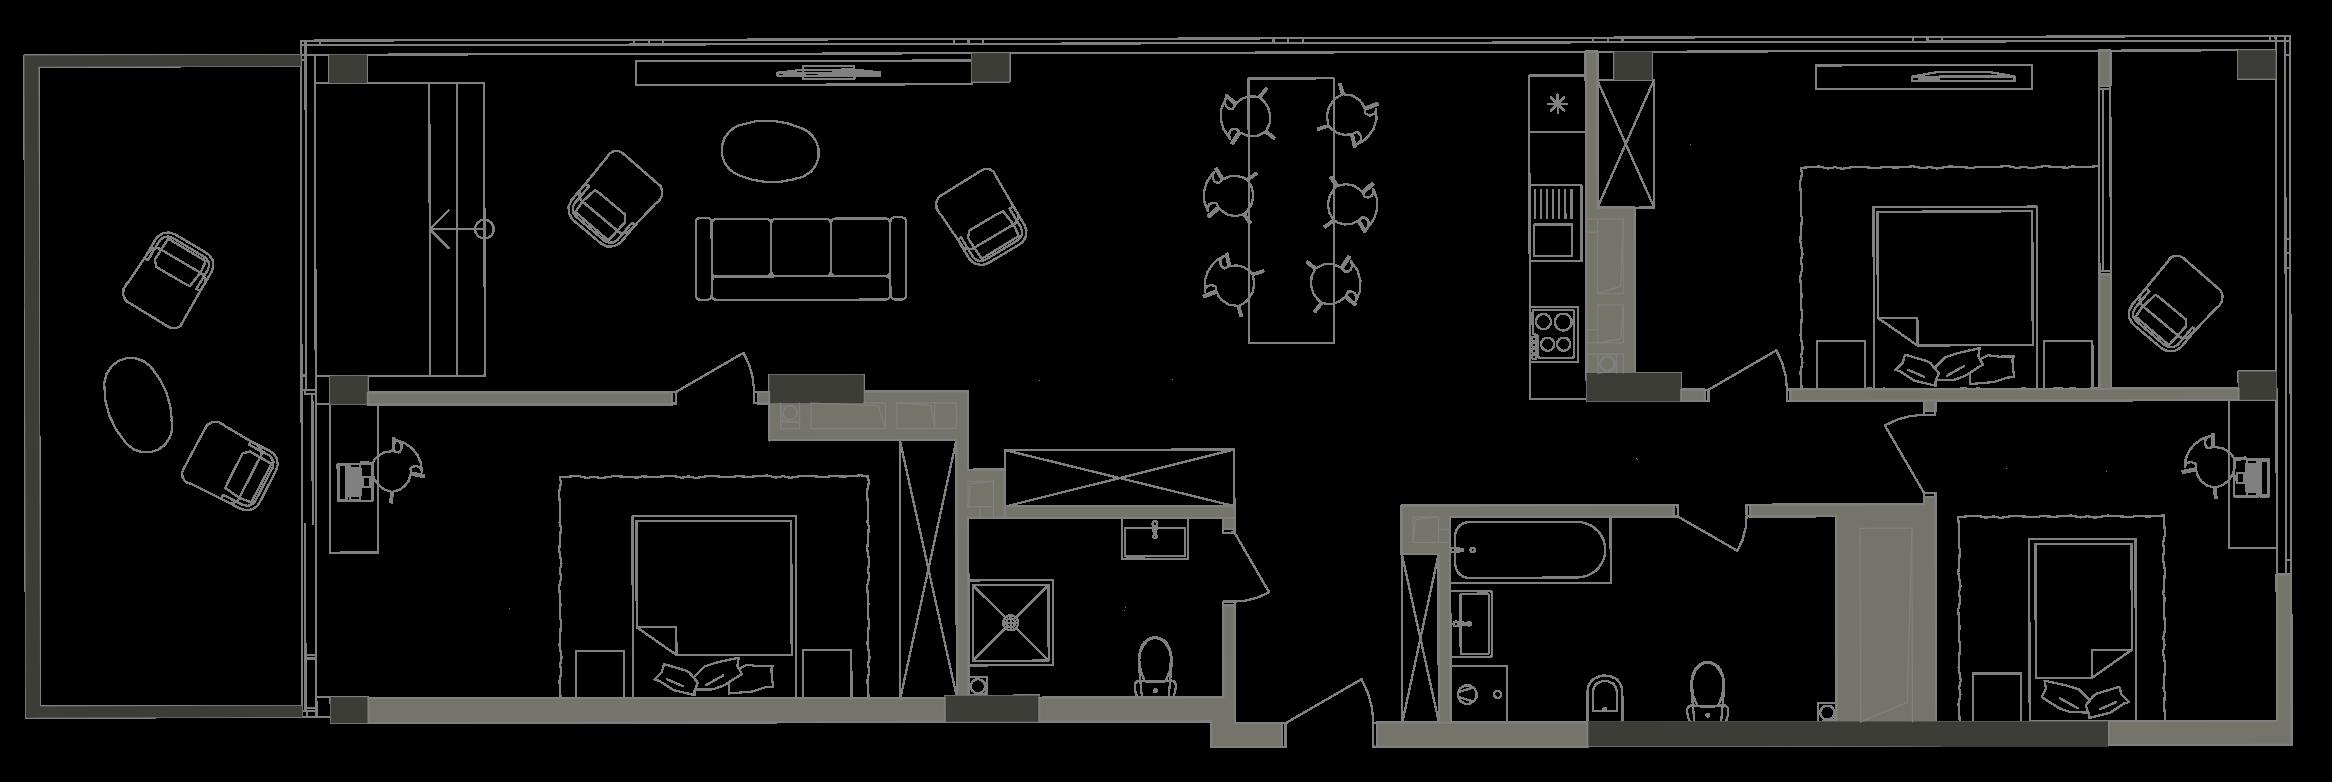 Квартира KV_78_3C_1_1_6